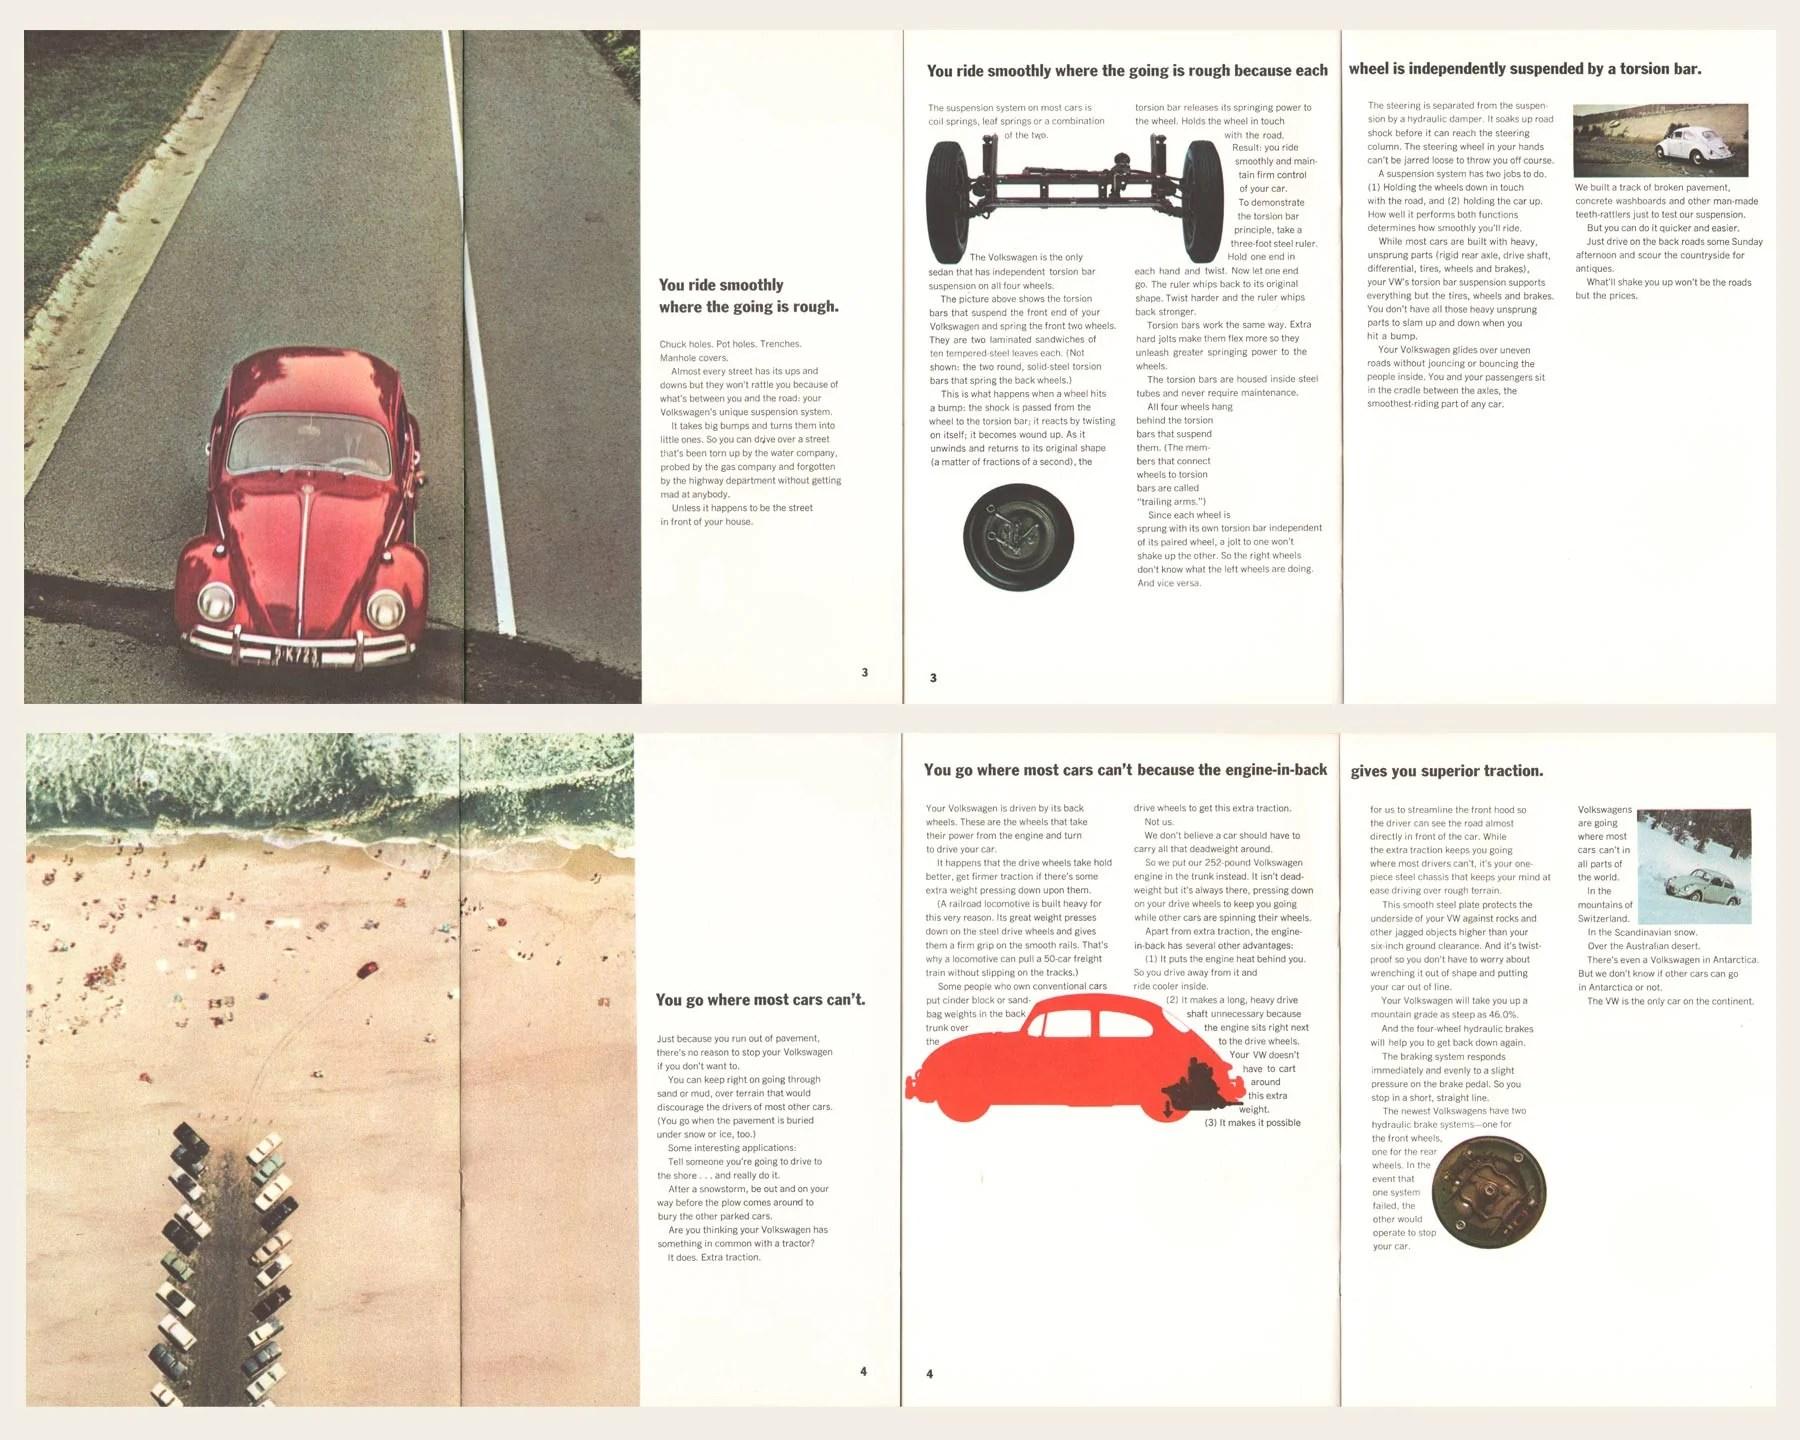 1965 volkswagen beetle brochure  [ 1800 x 1440 Pixel ]